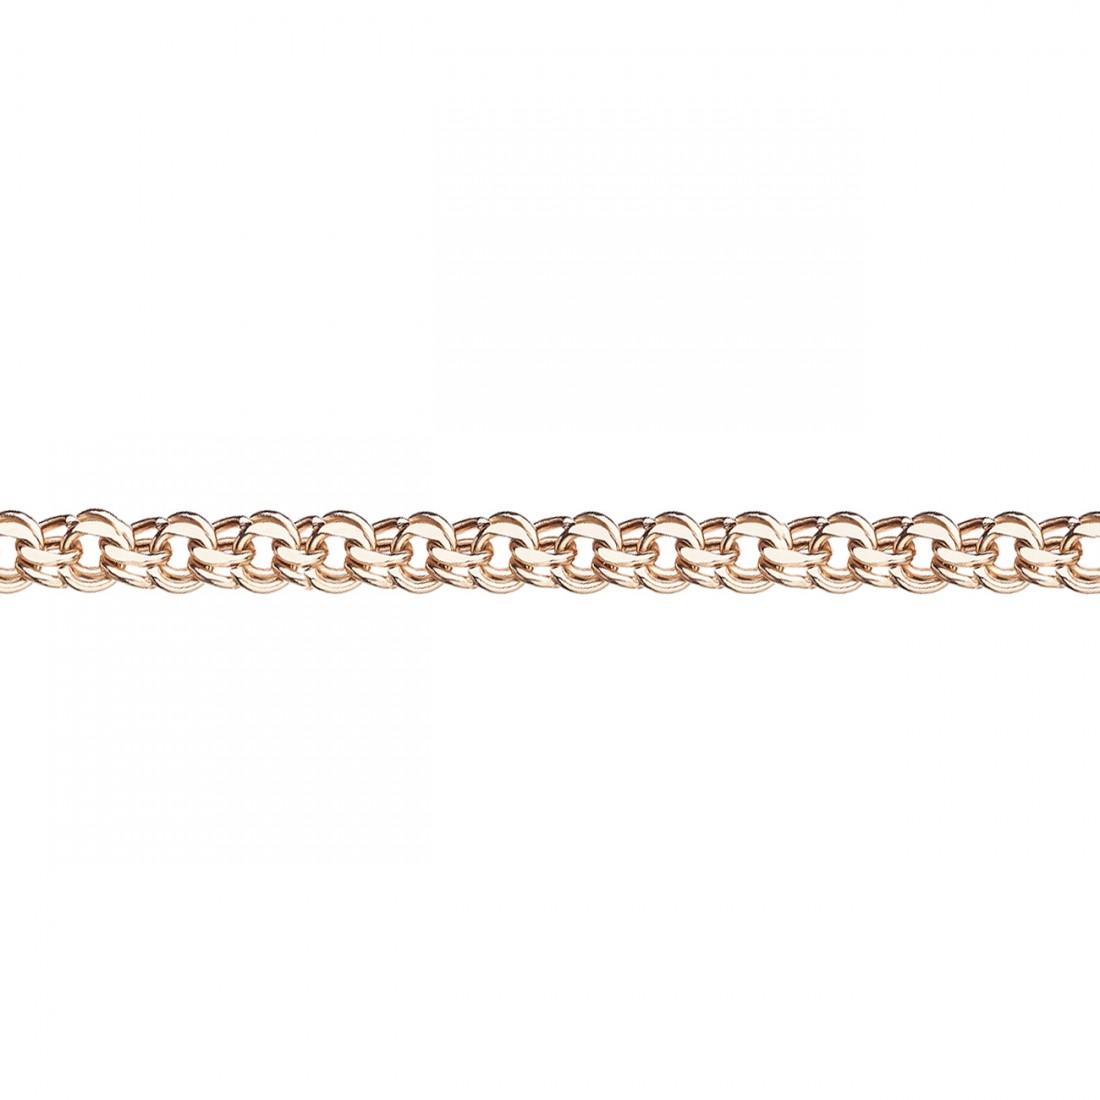 Облегченная цепь из золота арт. 8050200п-55 8050200п-55